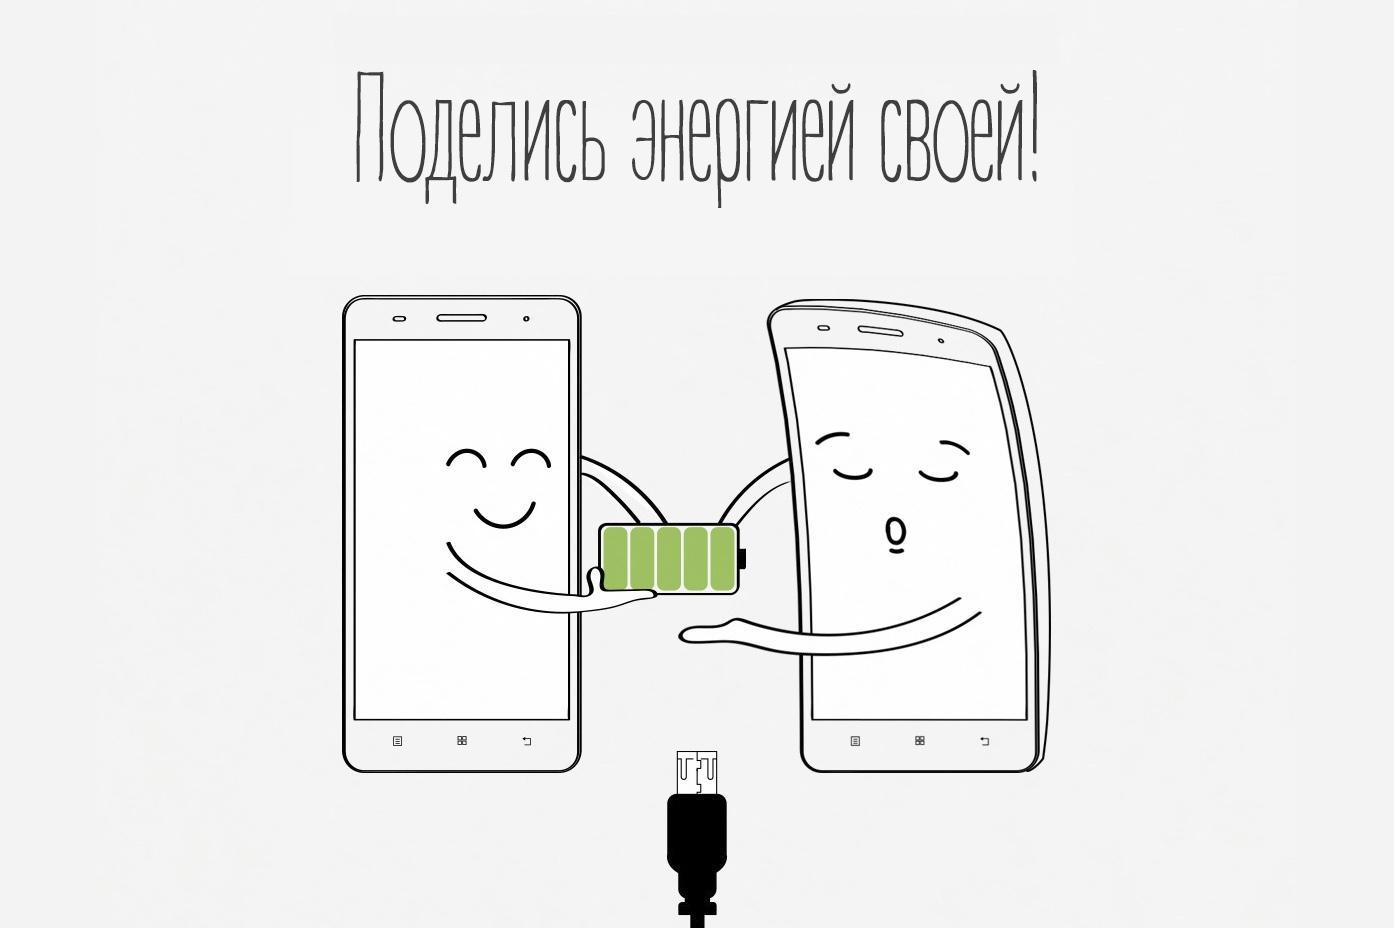 Смартфоны против розетки: несколько слов об энергосбережении - 1